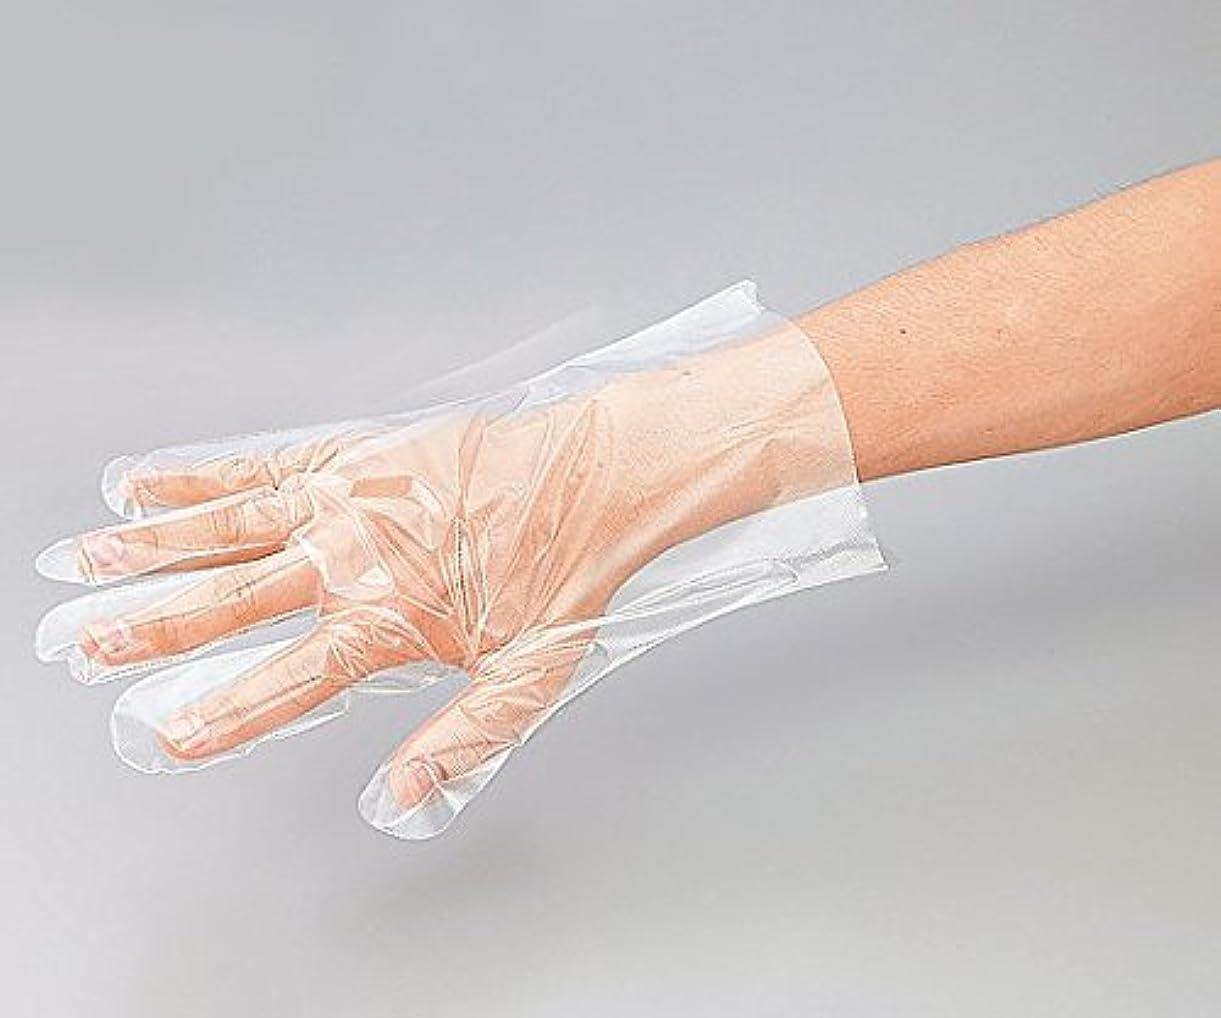 スプーンお願いしますブームナビス(アズワン)8-2588-02プロシェアポリエチレン手袋外エンボスM